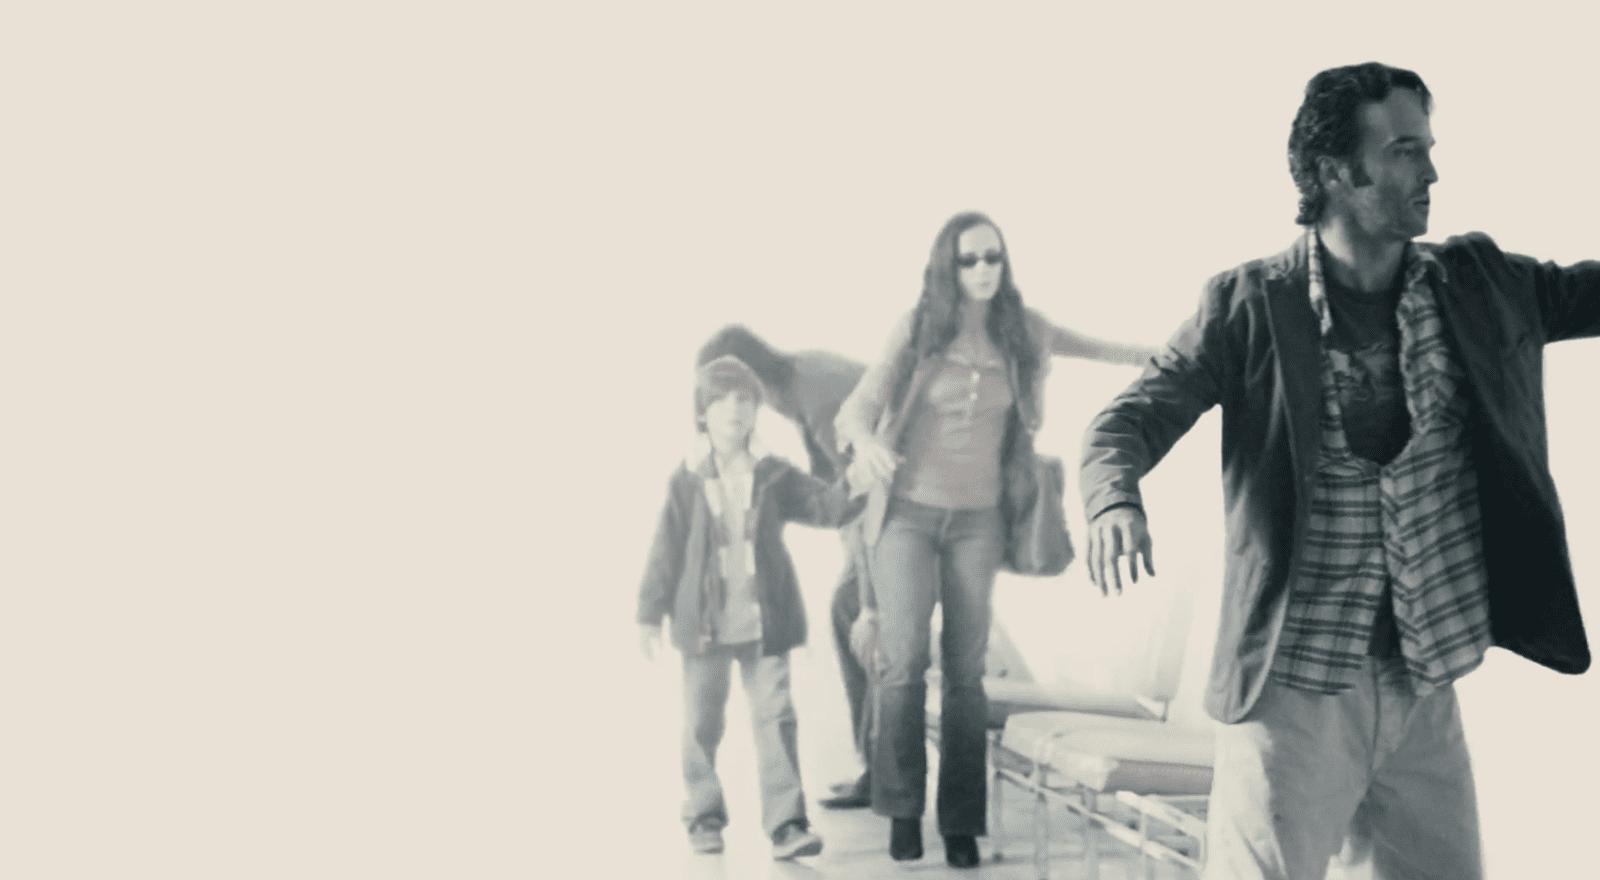 Die Blinden steckt man in ein Lager. Filmstill aus Blindness (Meirelles 2008).